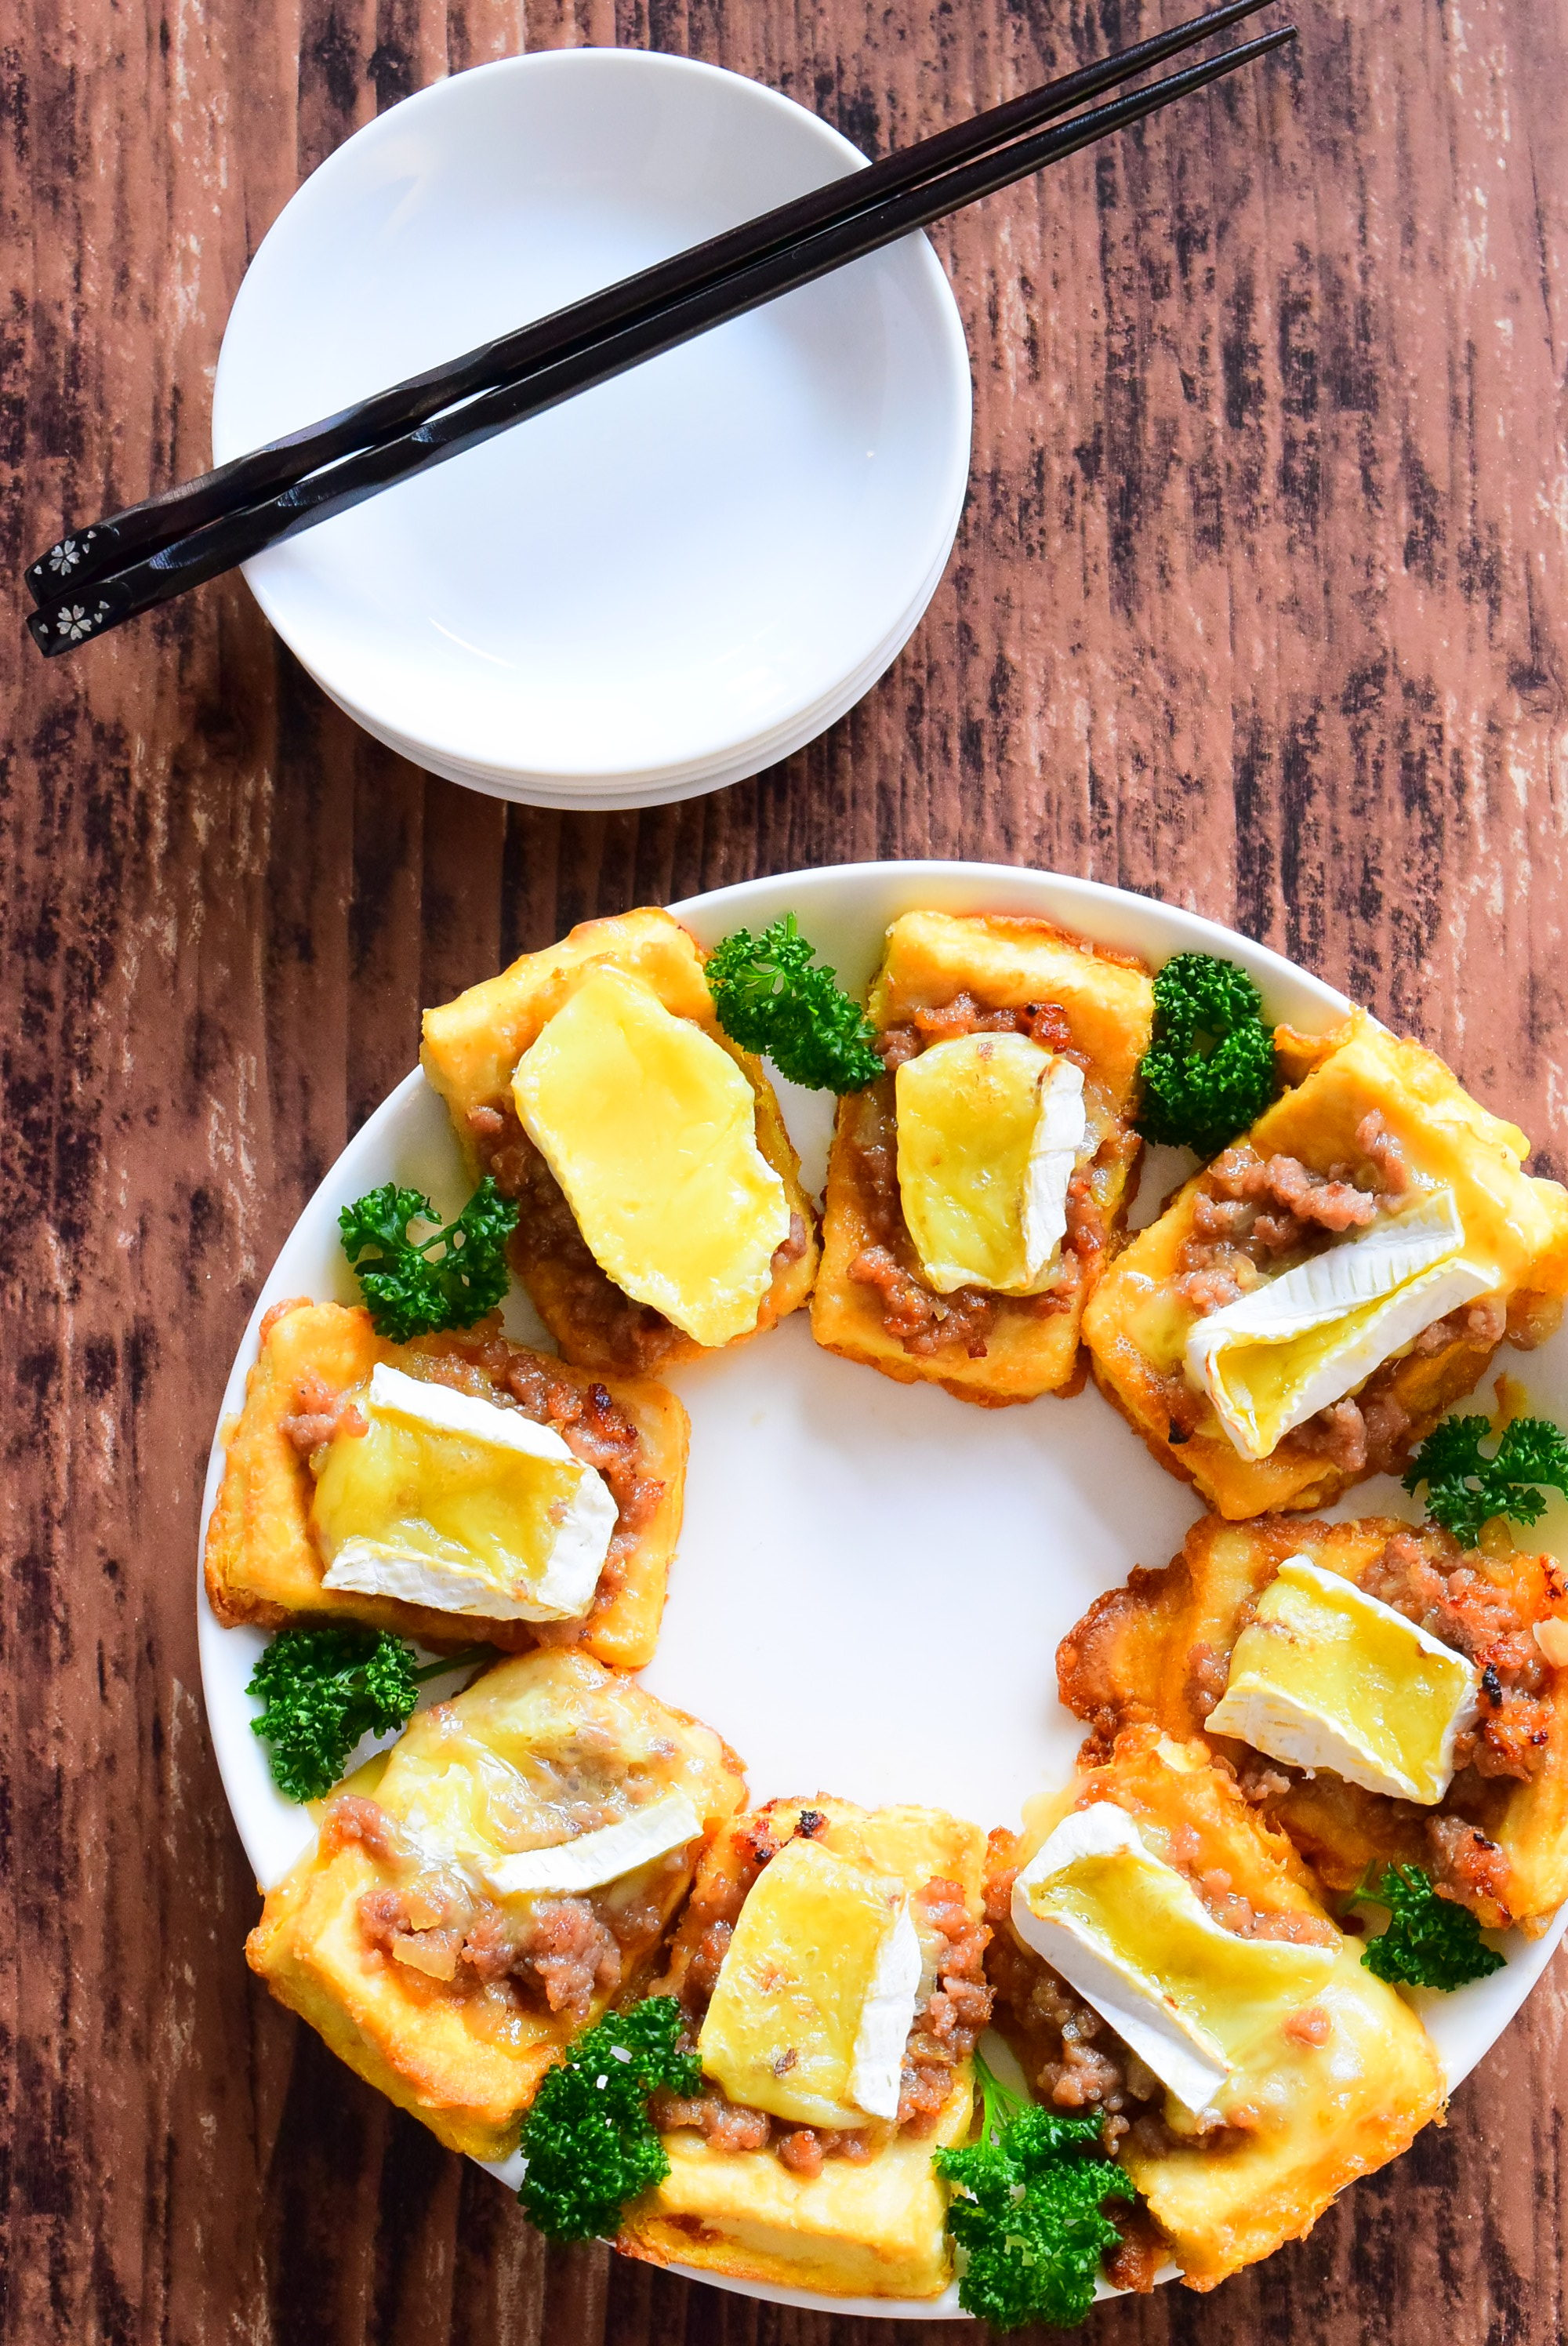 豆腐の肉味噌のせカマンベールチーズ焼きのレシピ